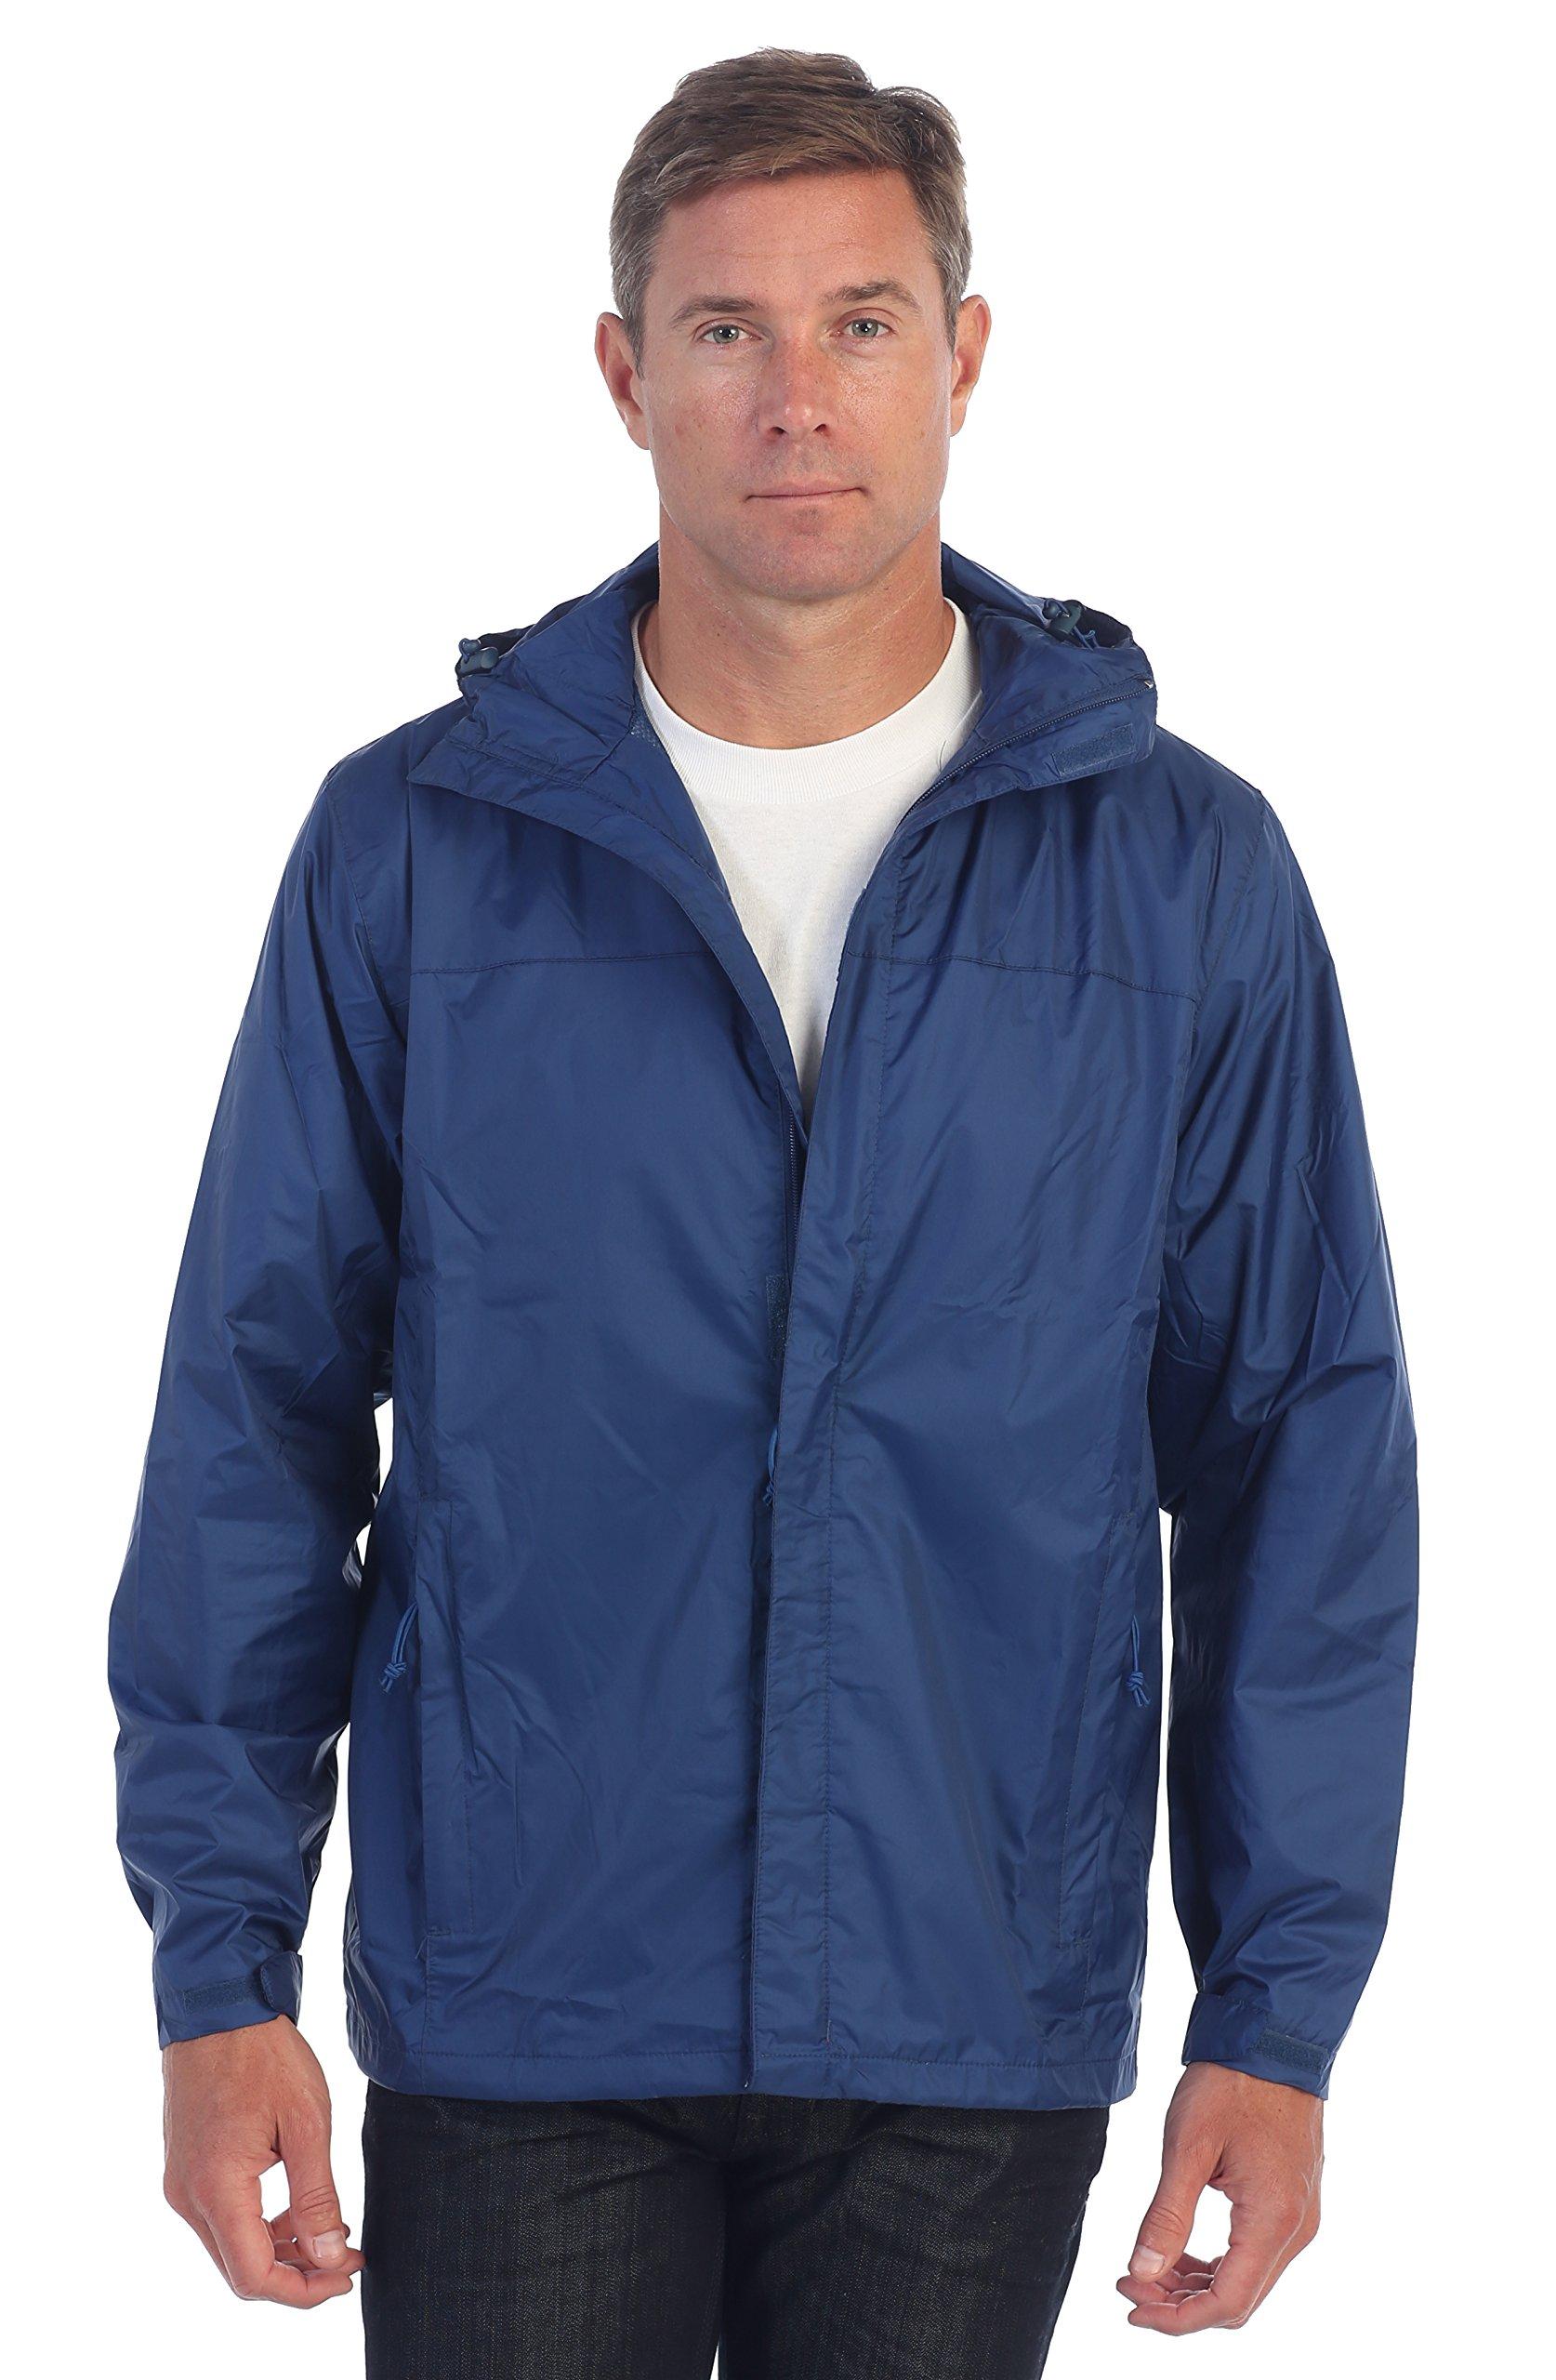 Gioberti Men's Waterproof Rain Jacket, Navy, XL